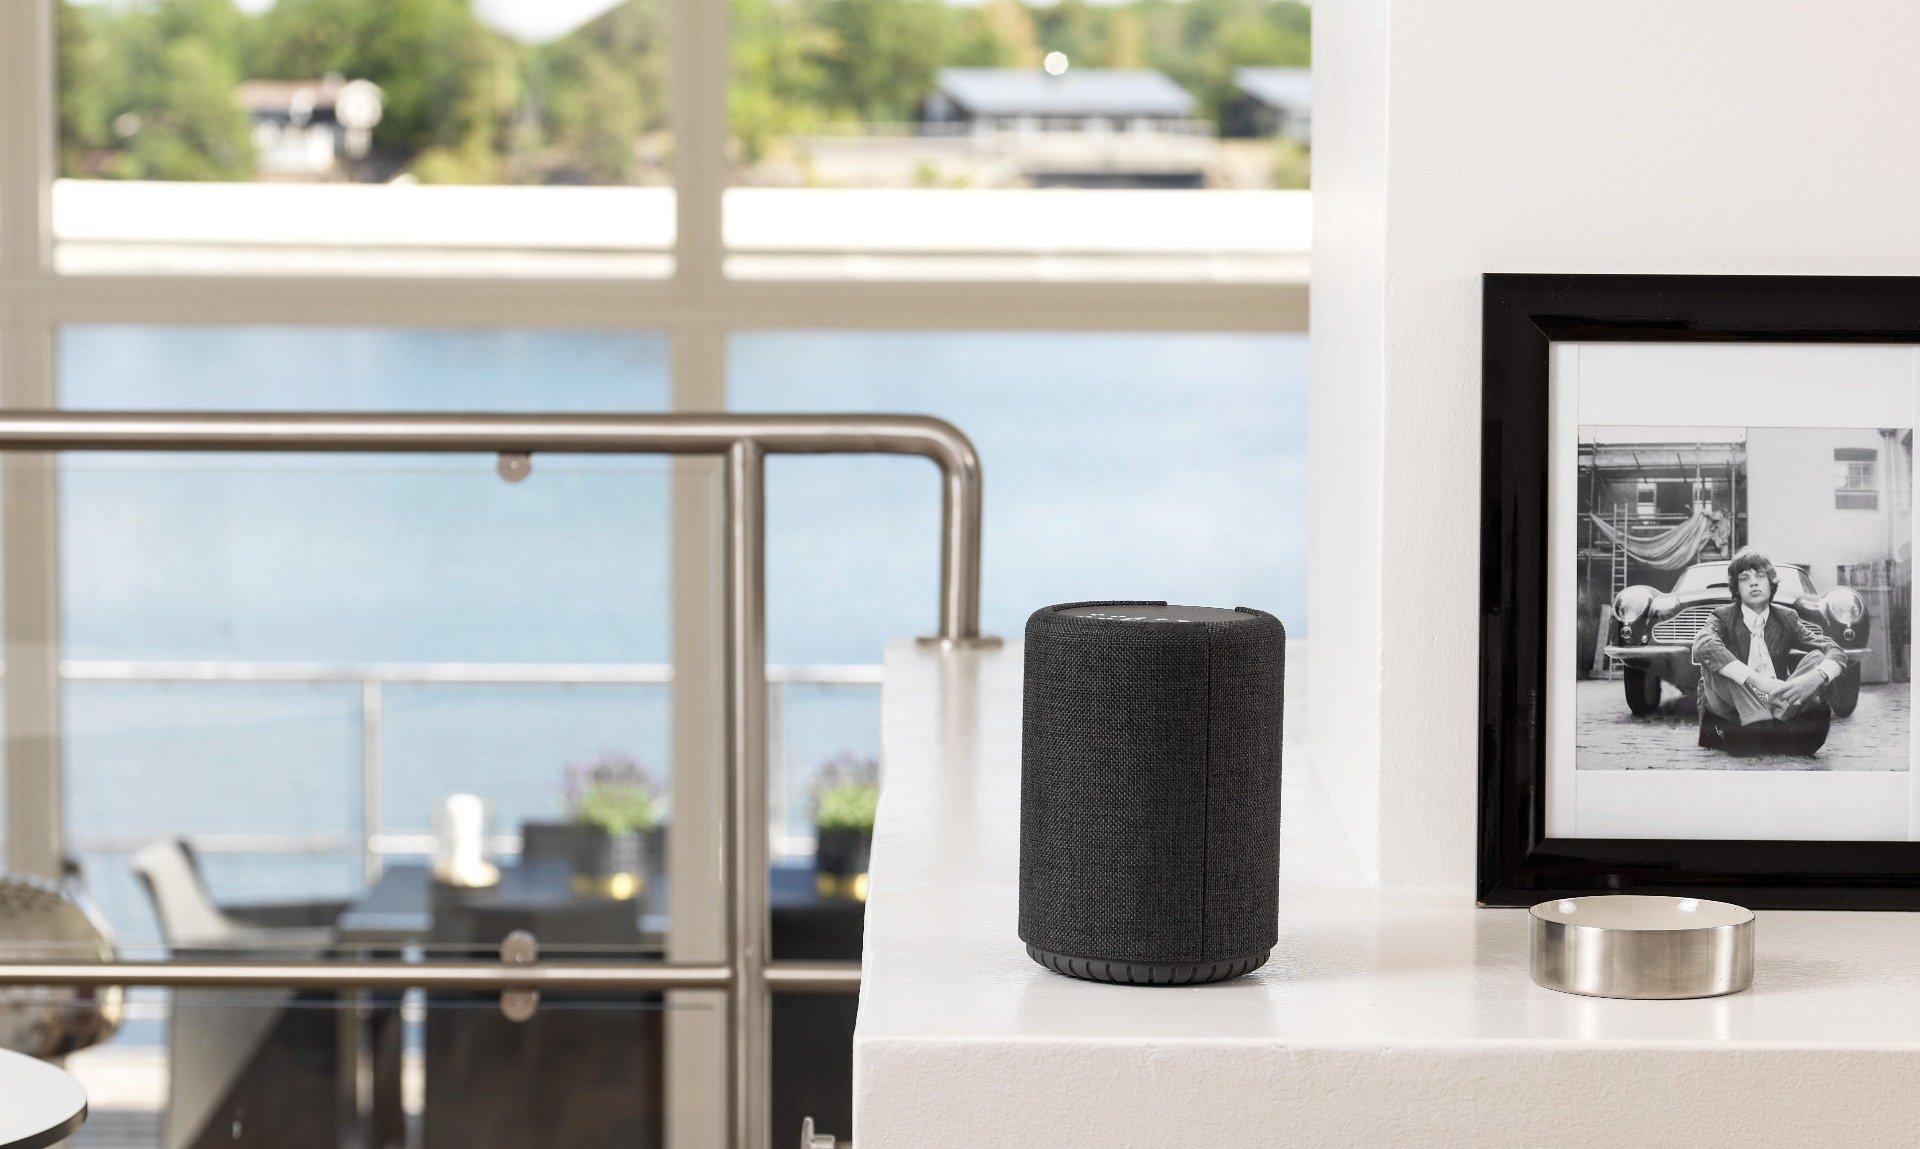 Audio Pro A10 donkergrijs |te koop bij Expert